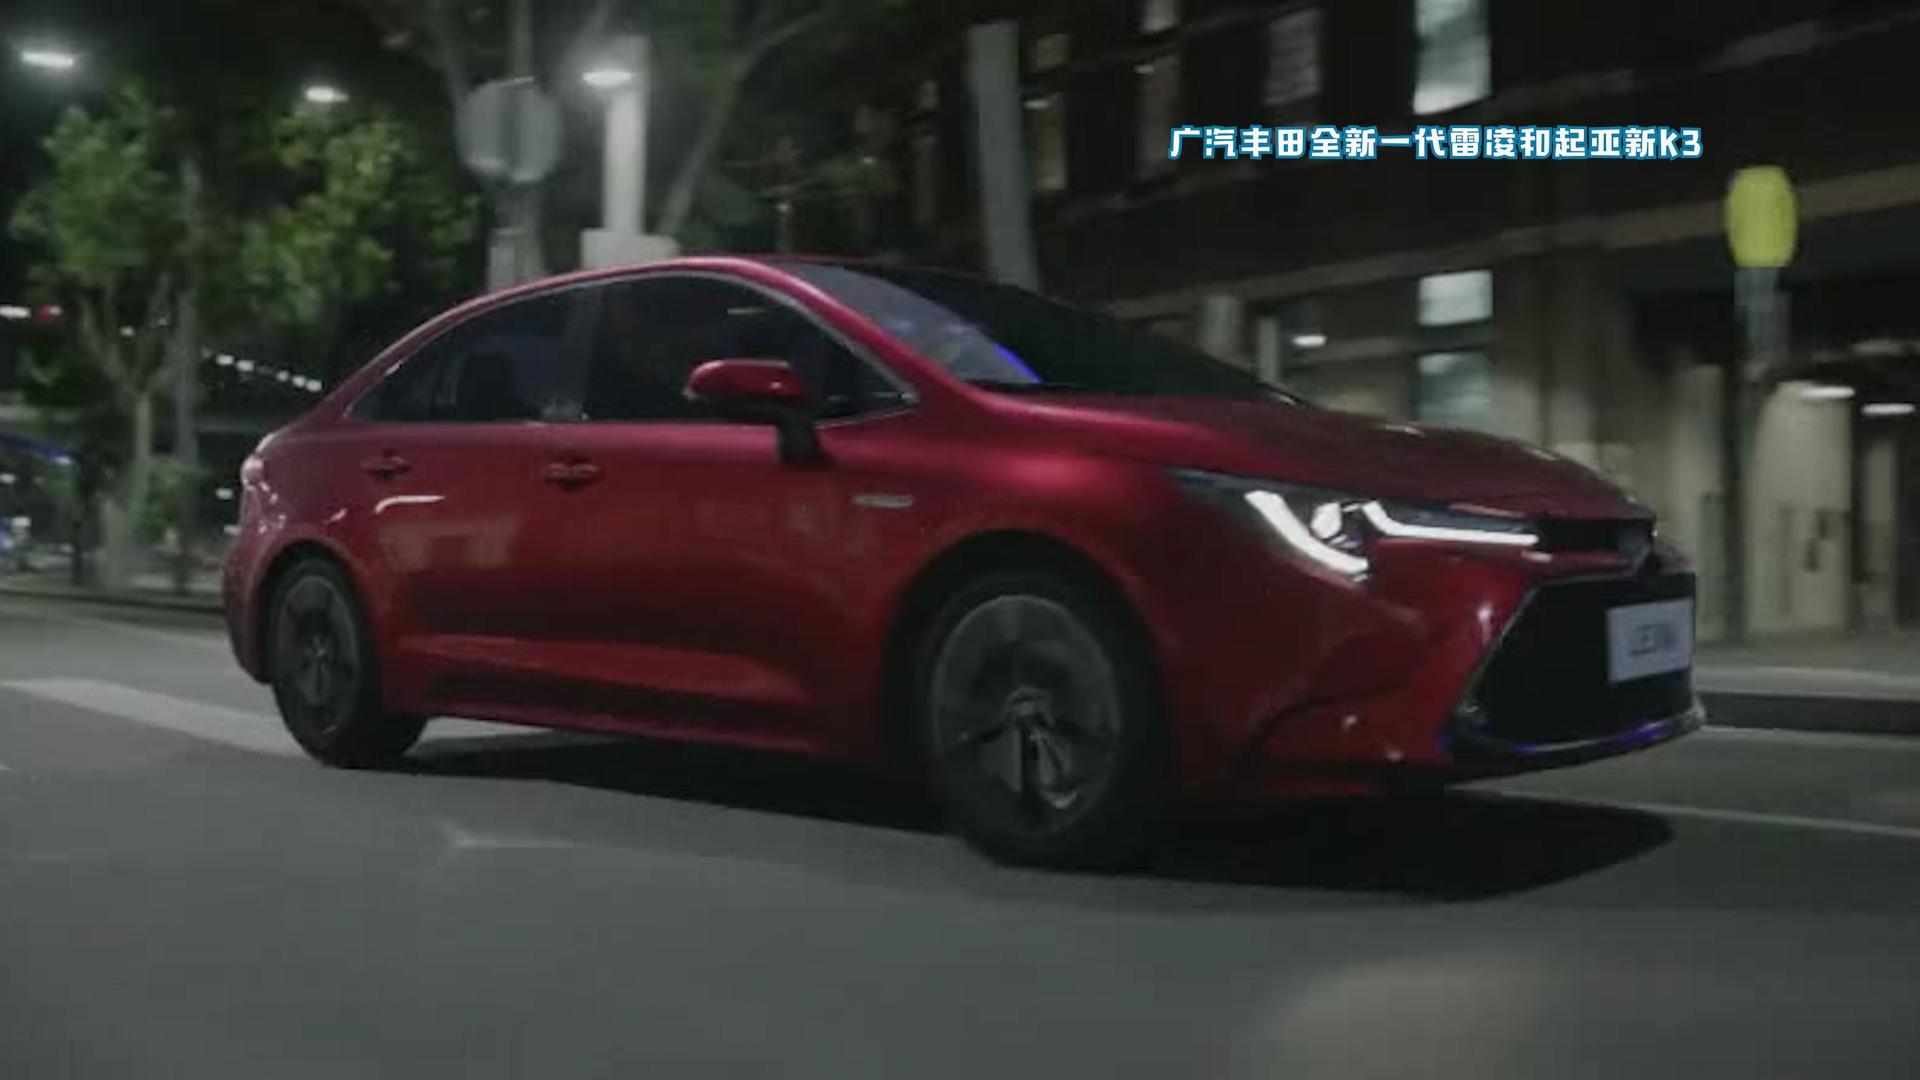 《车生活TV · 一周二车》——广汽丰田全新一代雷凌和起亚新K3